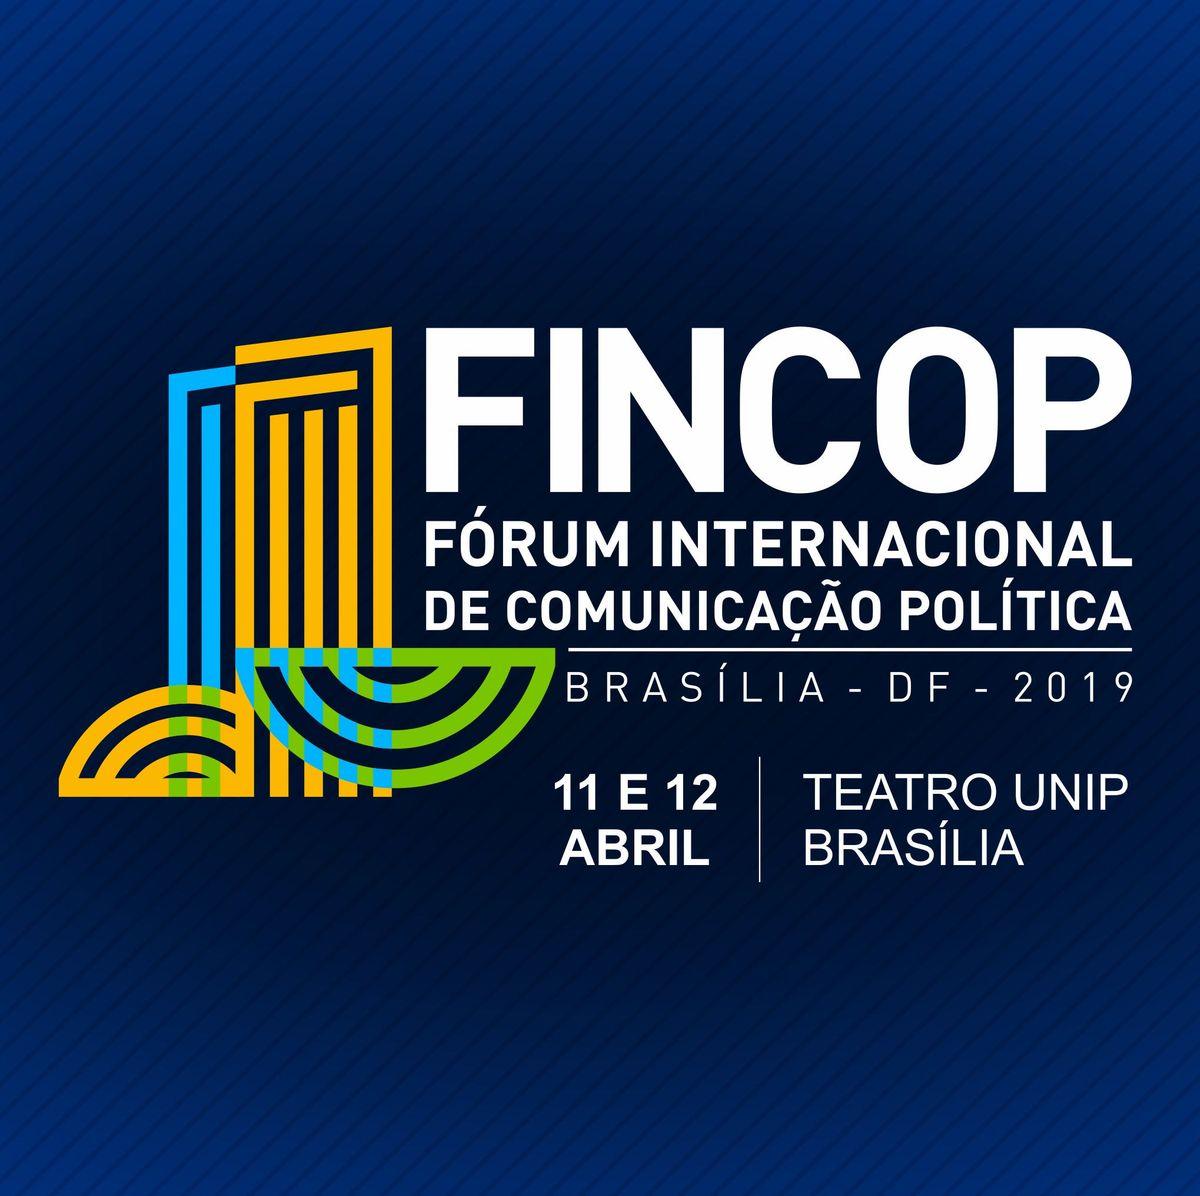 FINCOP - Frum Internacional de Comunicao Poltica